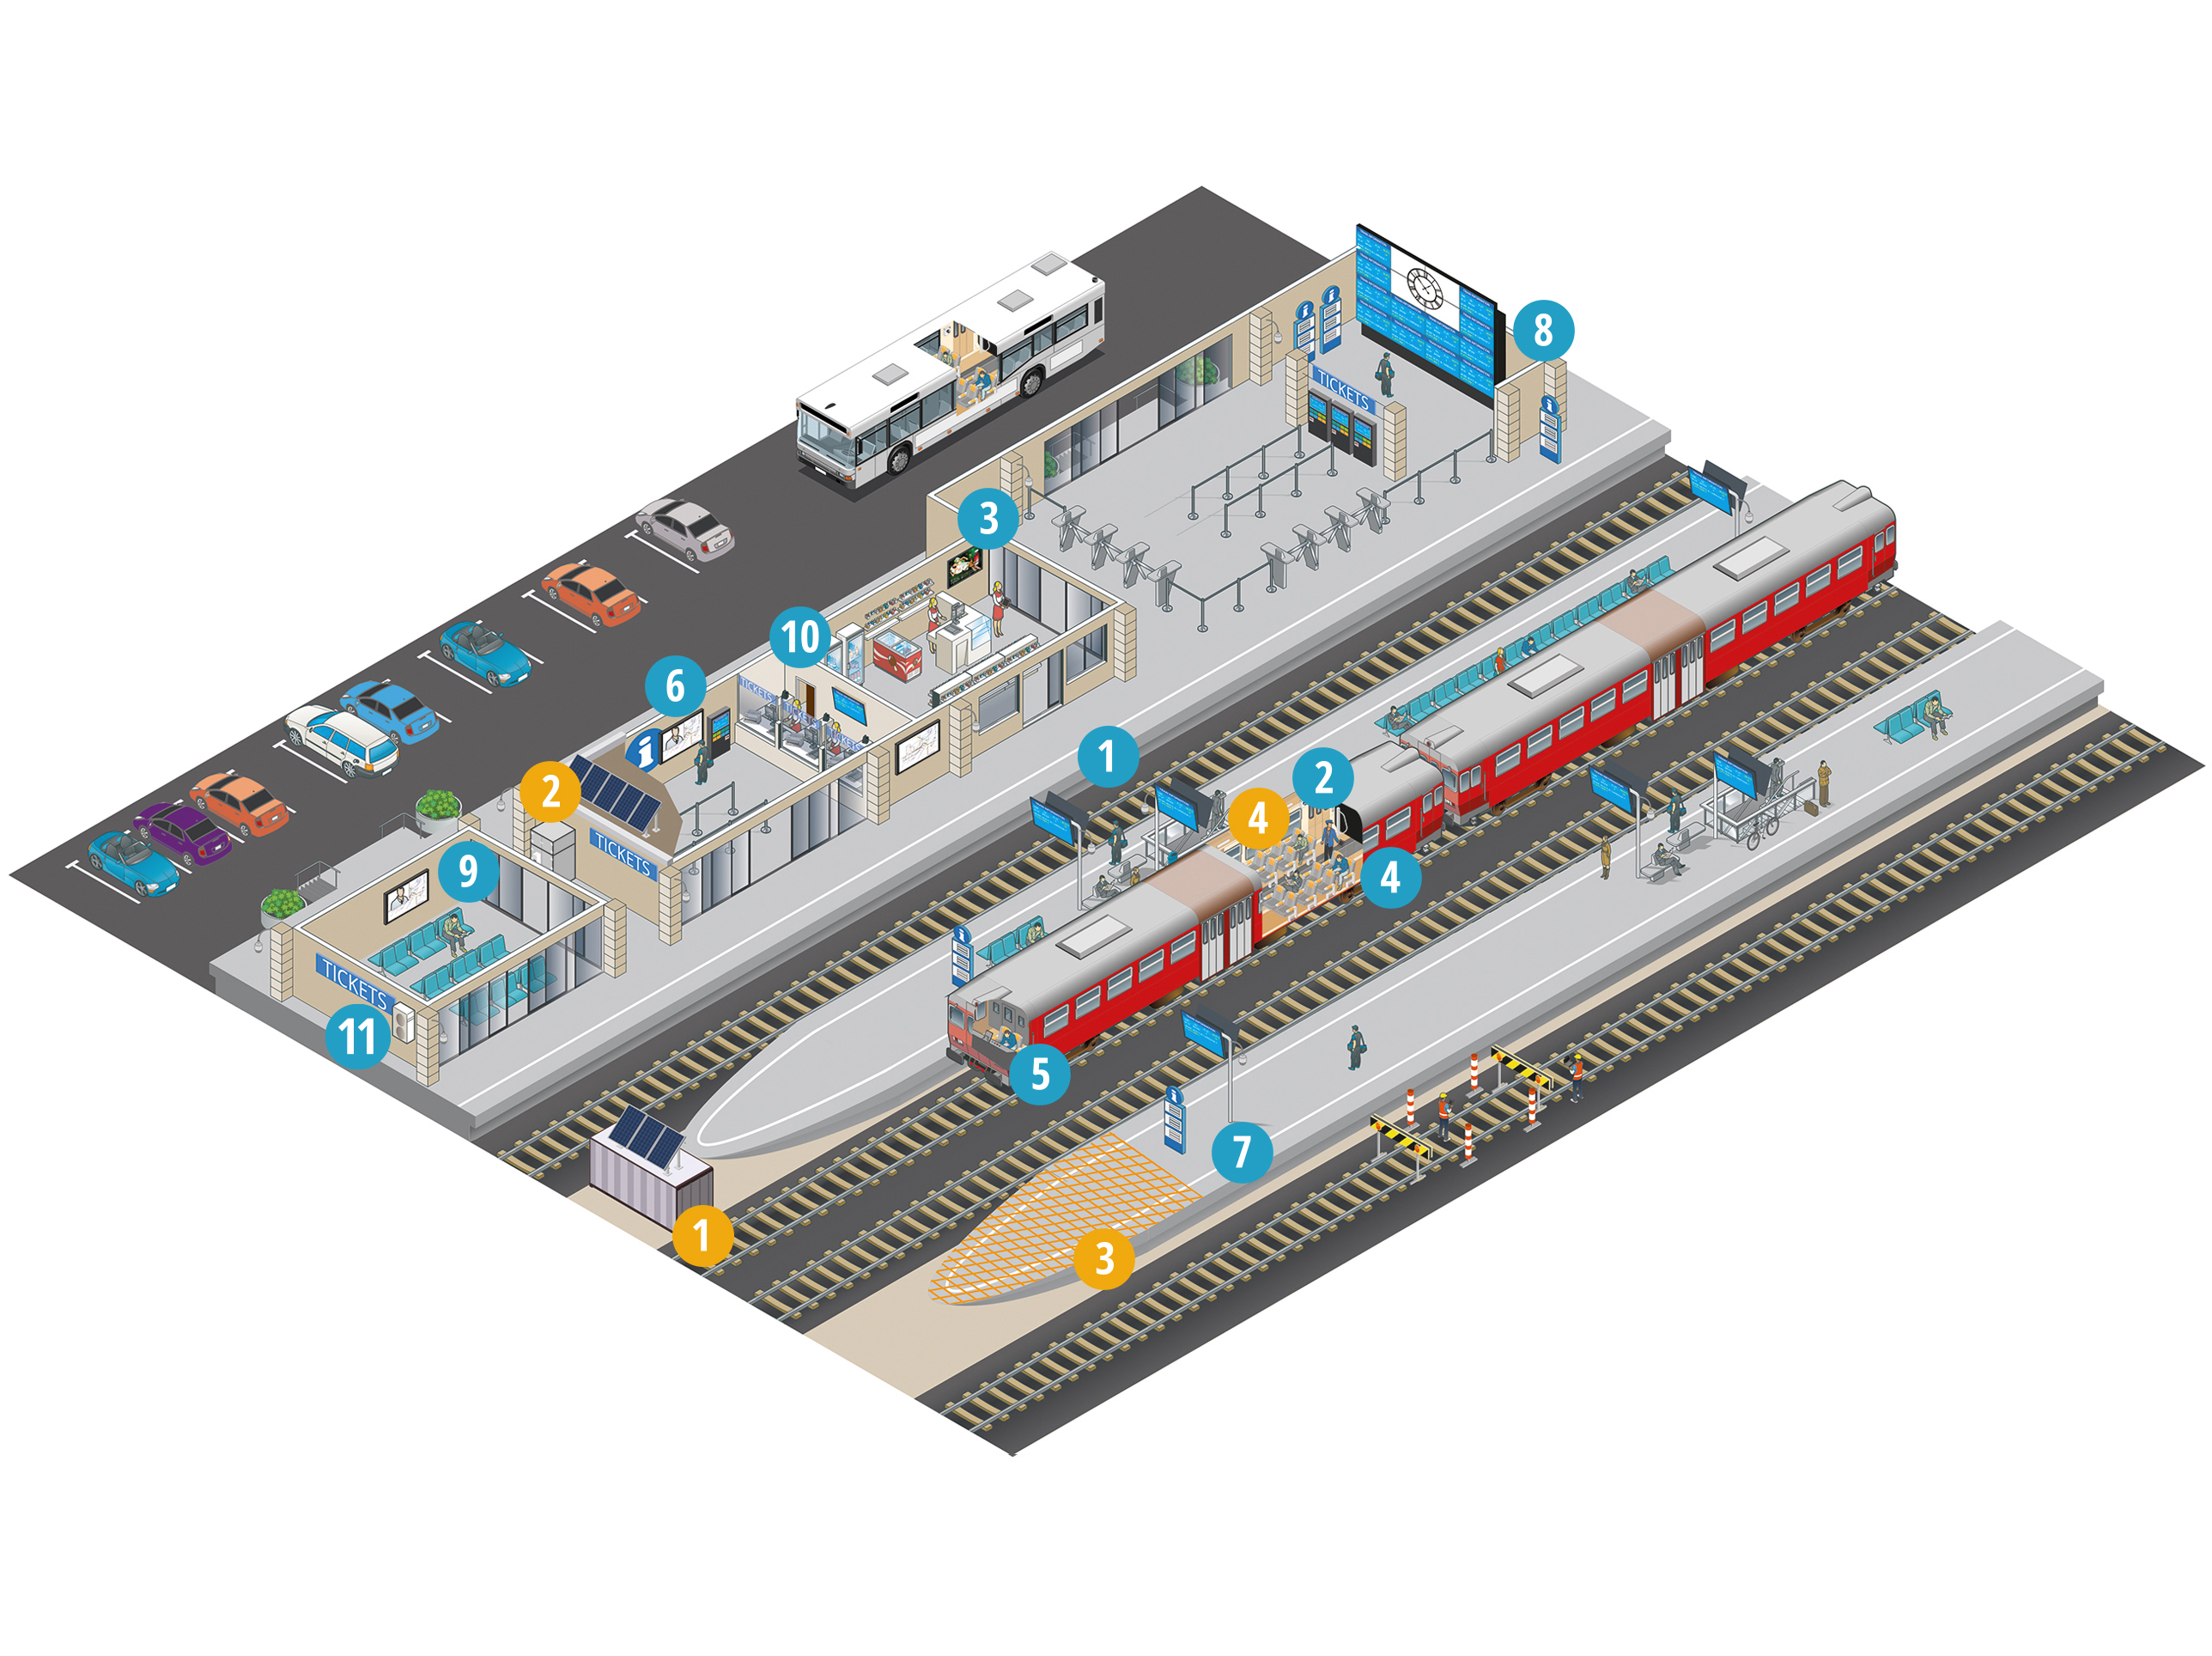 Comment les solutions de Panasonic aident-elles les transports routier et ferroviaire?